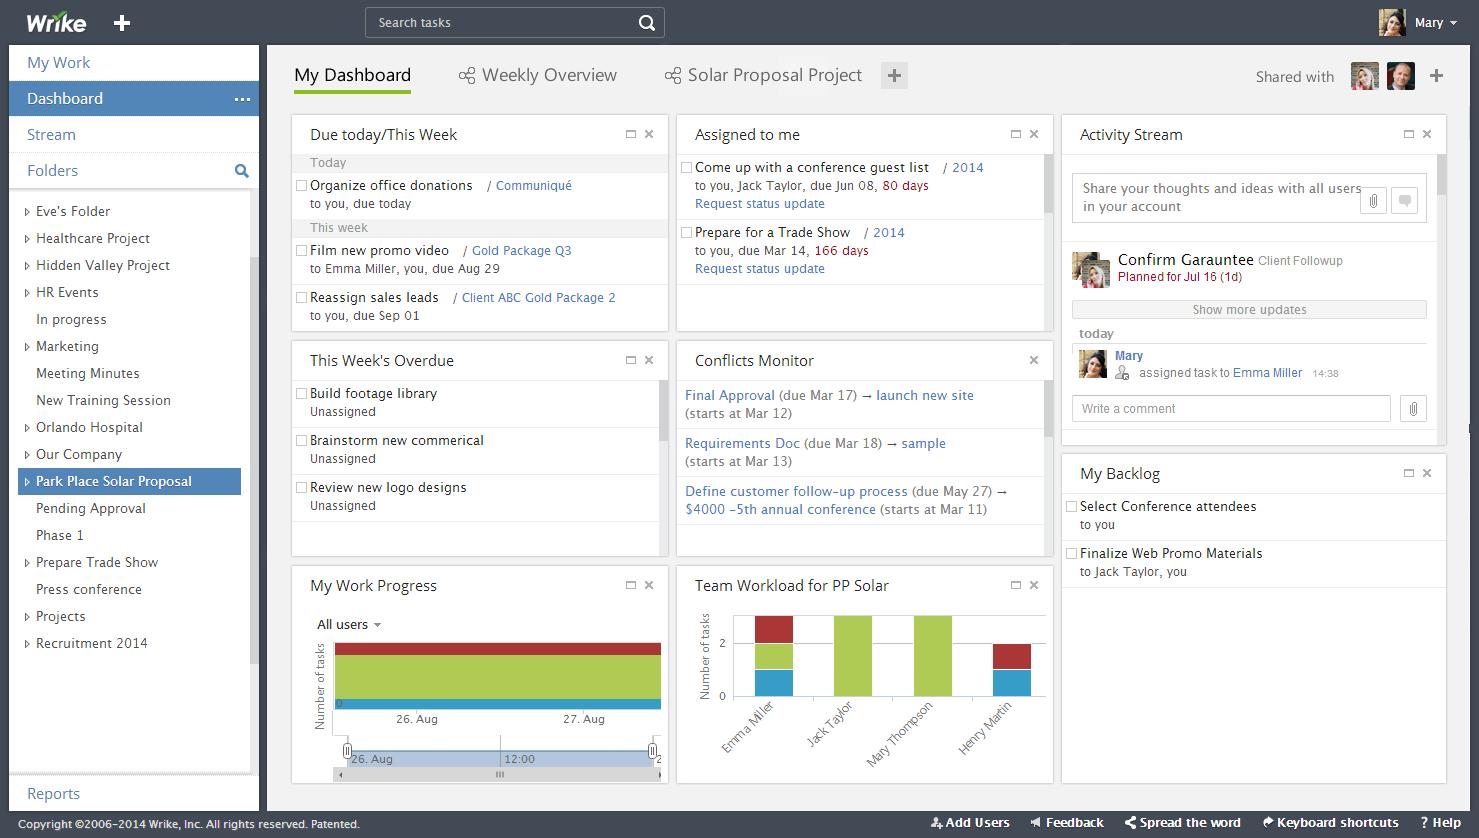 Wrike – единая система для работы над проектами вместе с командой с расширенными функциональными особенностями